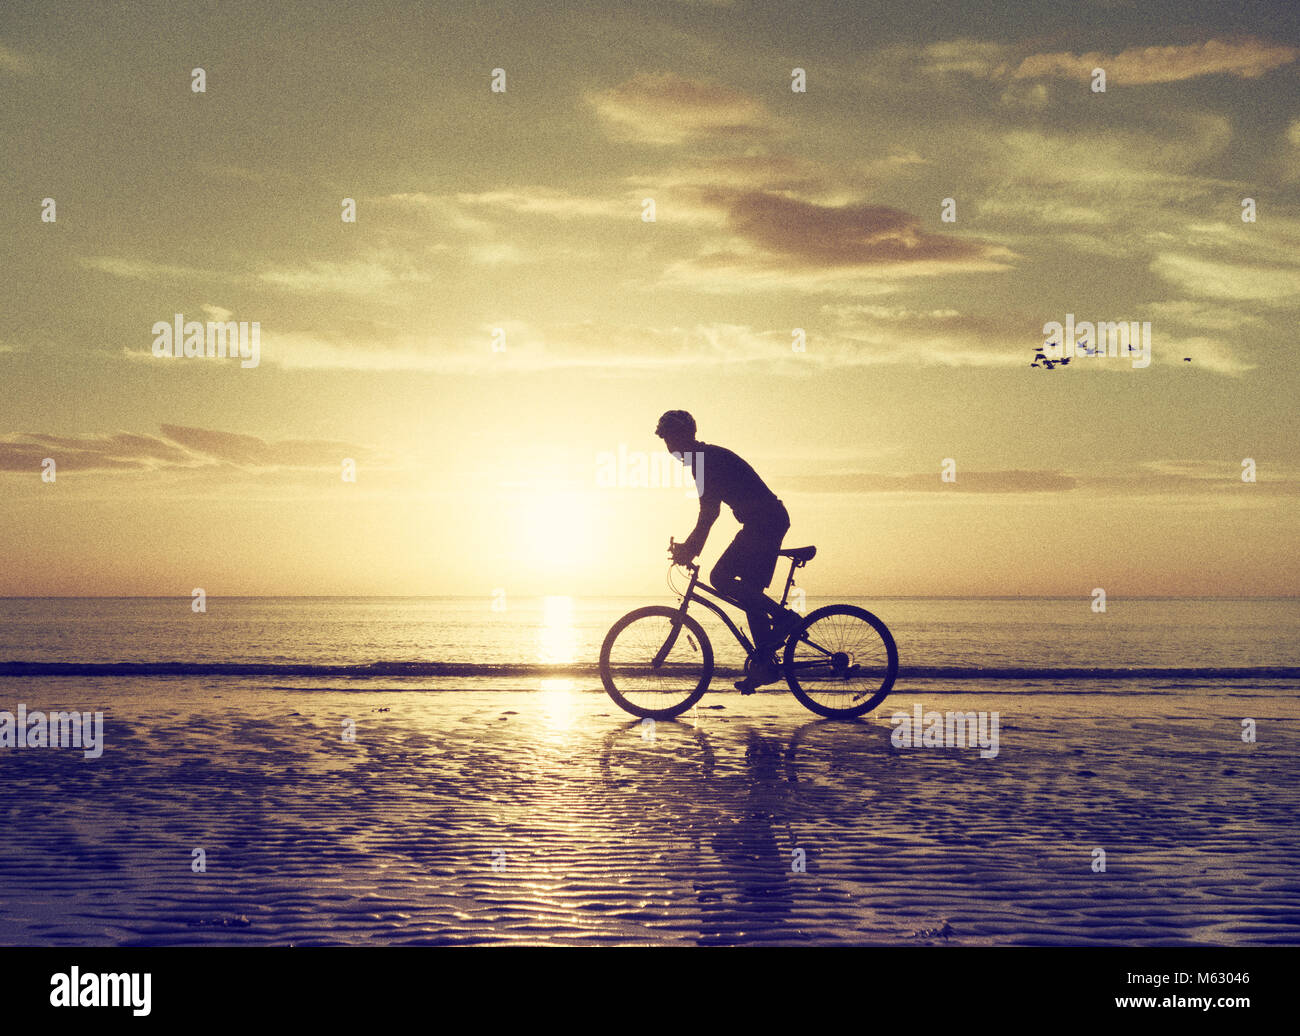 Mountain biker sulla spiaggia al tramonto con gli uccelli volare dietro. Immagini Stock